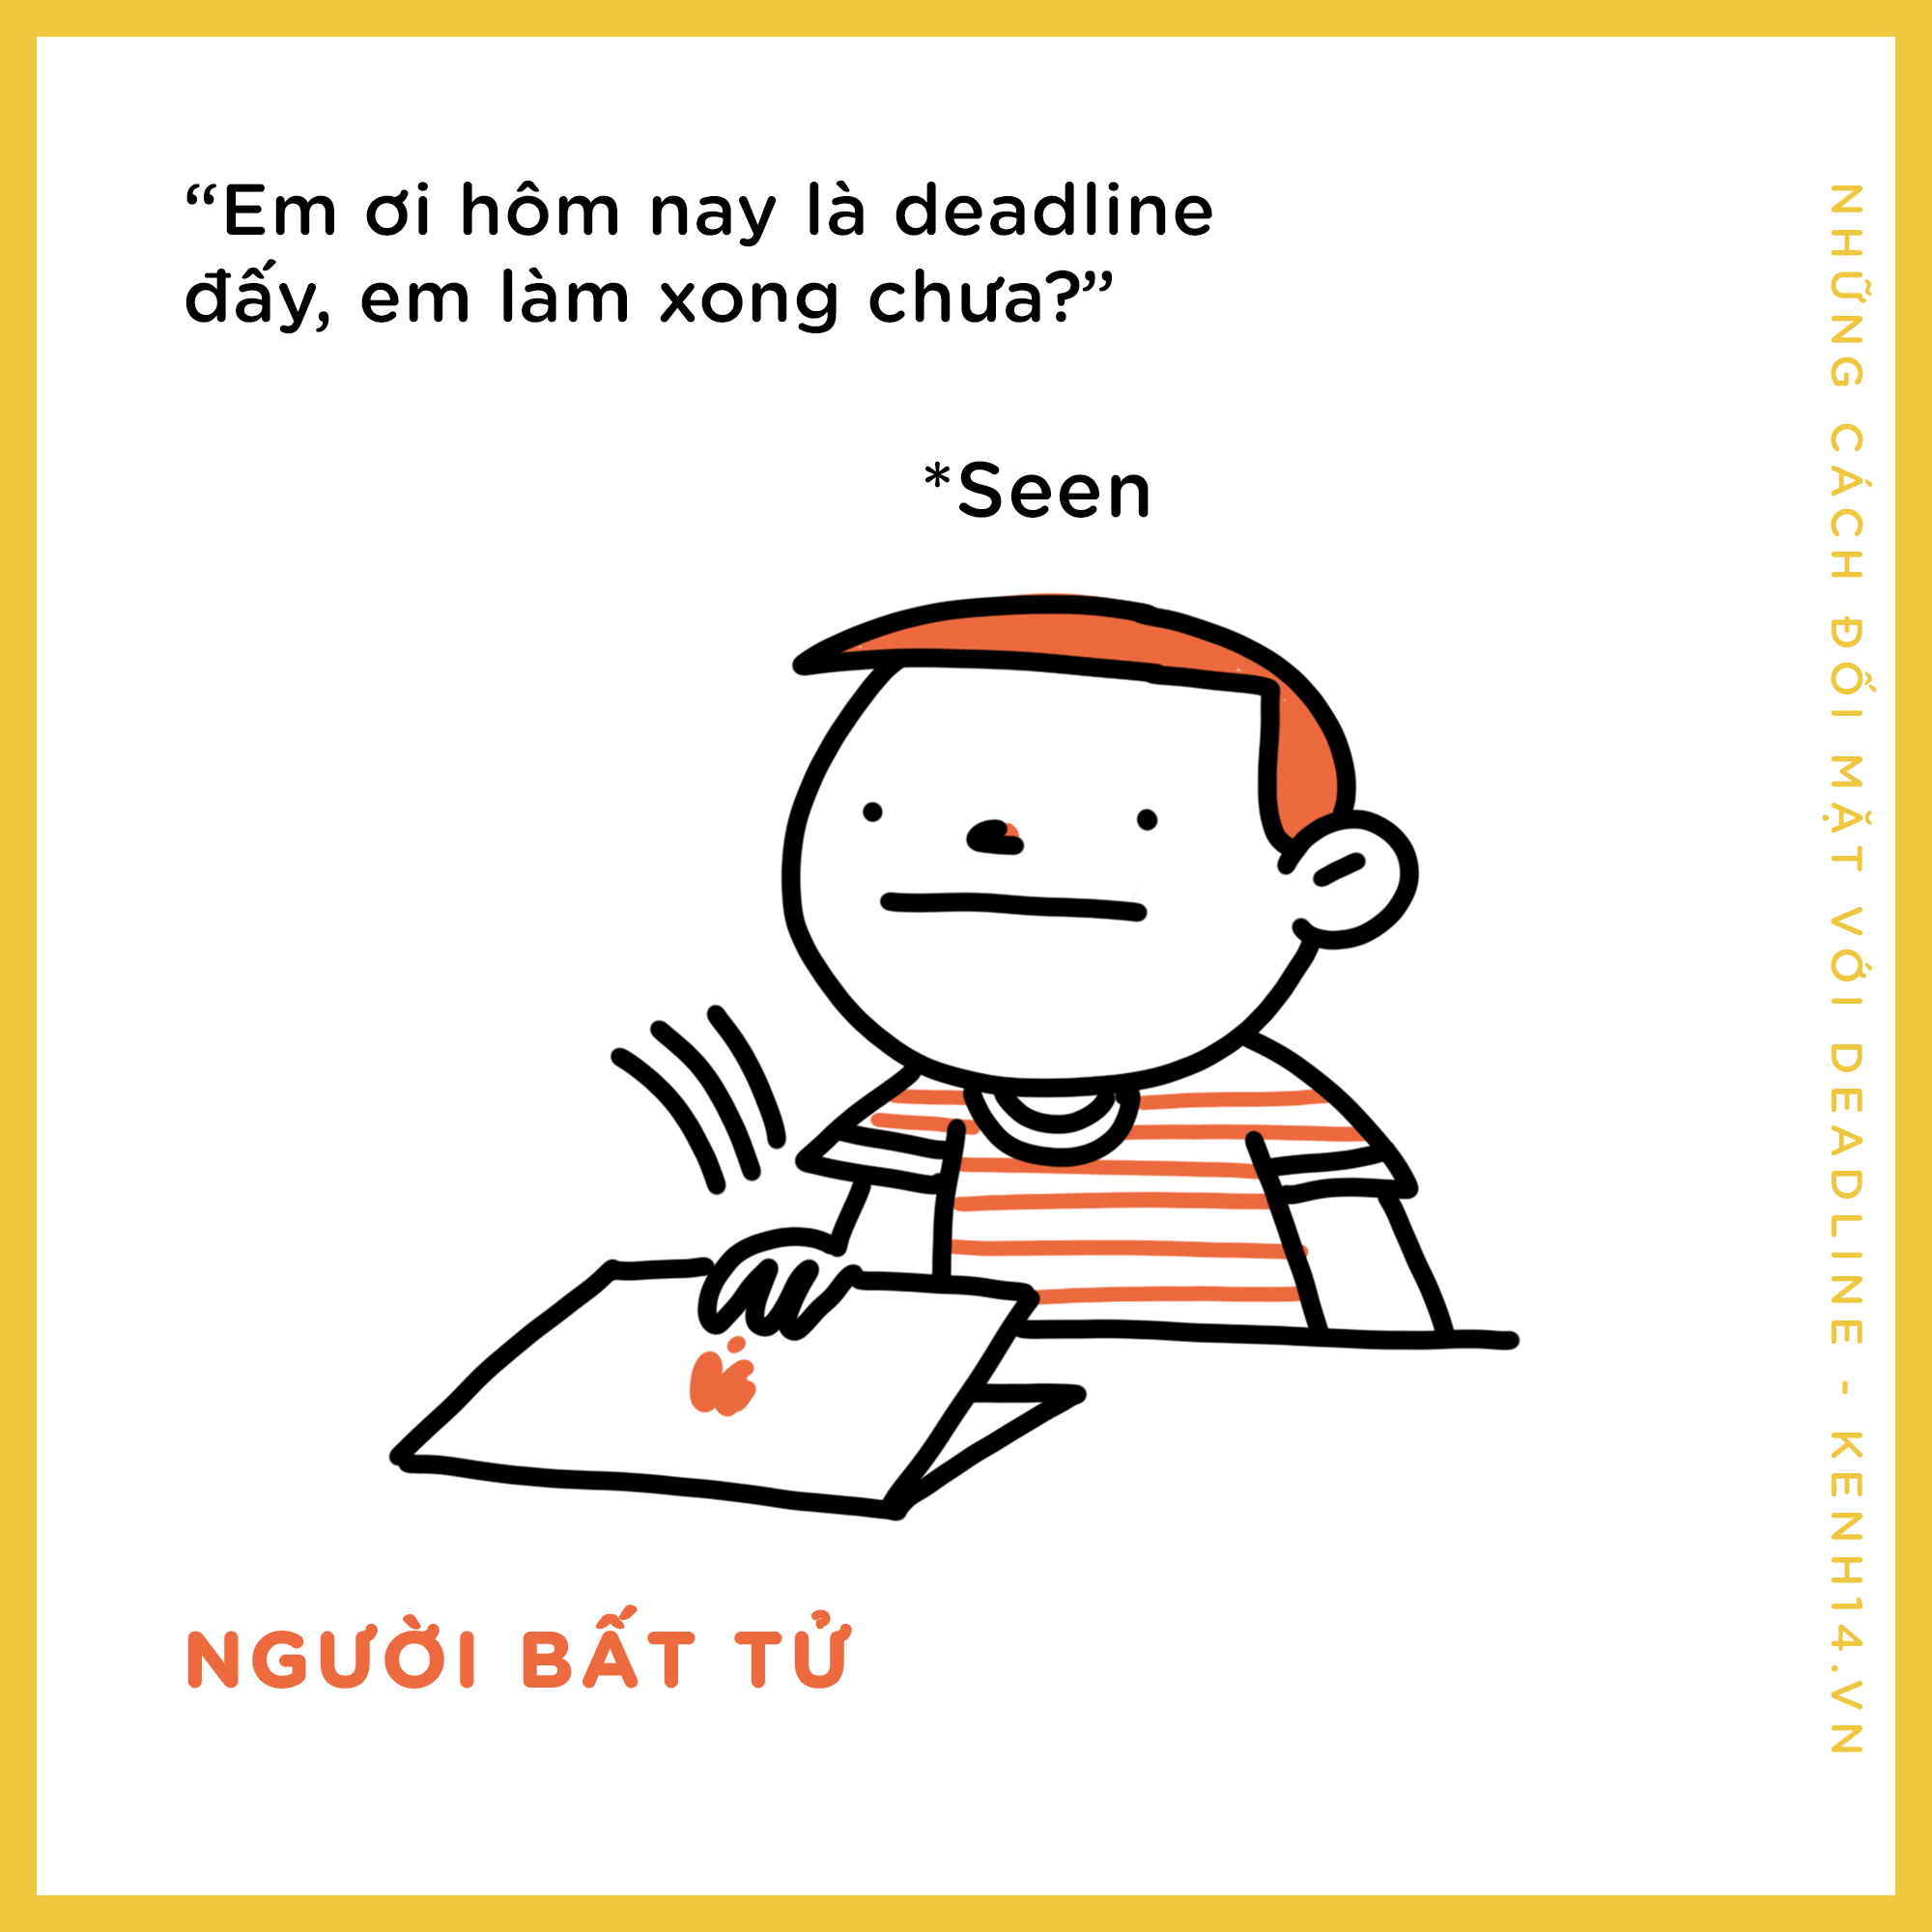 Lỡ trễ deadline rồi phải làm gì? Sau đây là 1001 kiểu chày cối deadline nơi công sở - Ảnh 13.